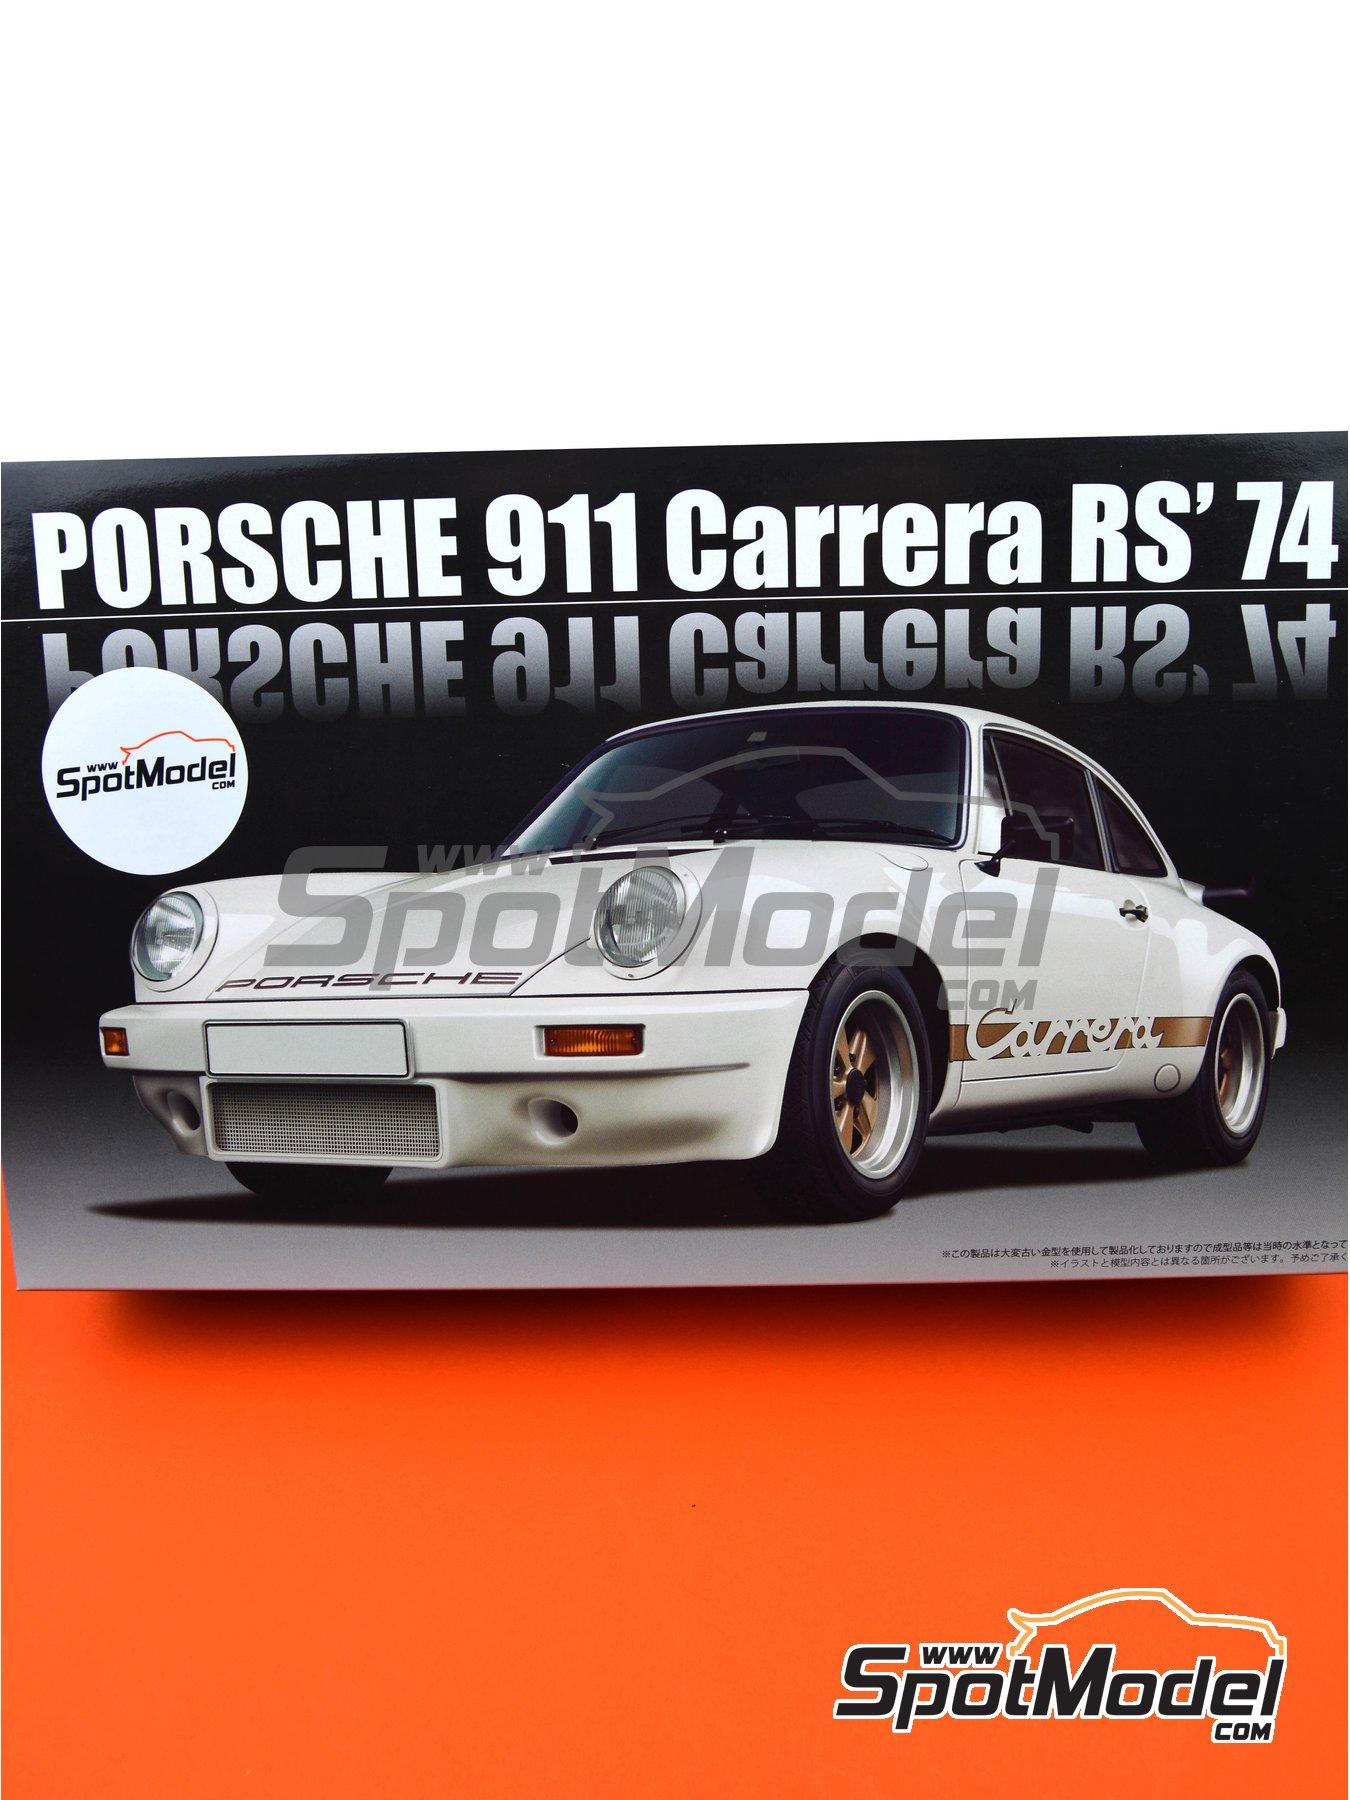 Porsche 911 Carrera RS 3.0 -  1974 | Maqueta de coche en escala1/24 fabricado por Fujimi (ref.FJ126616, tambien 126616, RS-119 y 12661) image